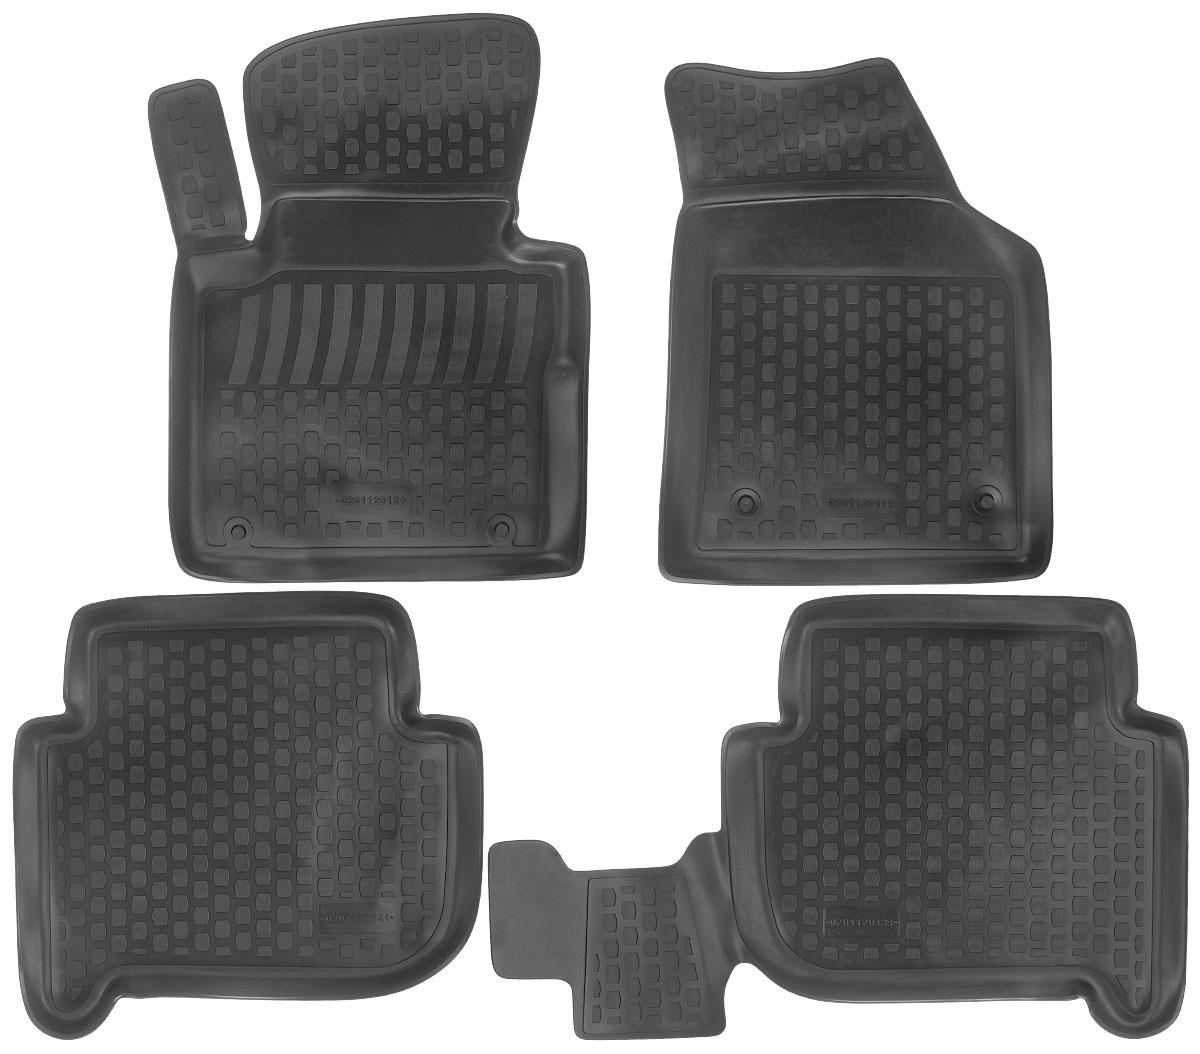 Набор автомобильных ковриков L.Locker Volkswagen Touran 2003, в салон, 4 штВетерок 2ГФНабор L.Locker Volkswagen Touran 2003, изготовленный из полиуретана, состоит из 4 антискользящих 3D ковриков,которые производятся индивидуально для каждой моделиавтомобиля. Изделие точно повторяет геометрию пола автомобиля, имеет высокийборт, обладает повышенной износоустойчивостью, лишено резкого запаха и сохраняет своипотребительские свойства в широком диапазоне температур от -50°С до +50°С.Комплектация: 4 шт.Размер ковриков: 73 см х 54 см; 60 см х 56 см; 91 см х 56 см; 68 см х 49 см.